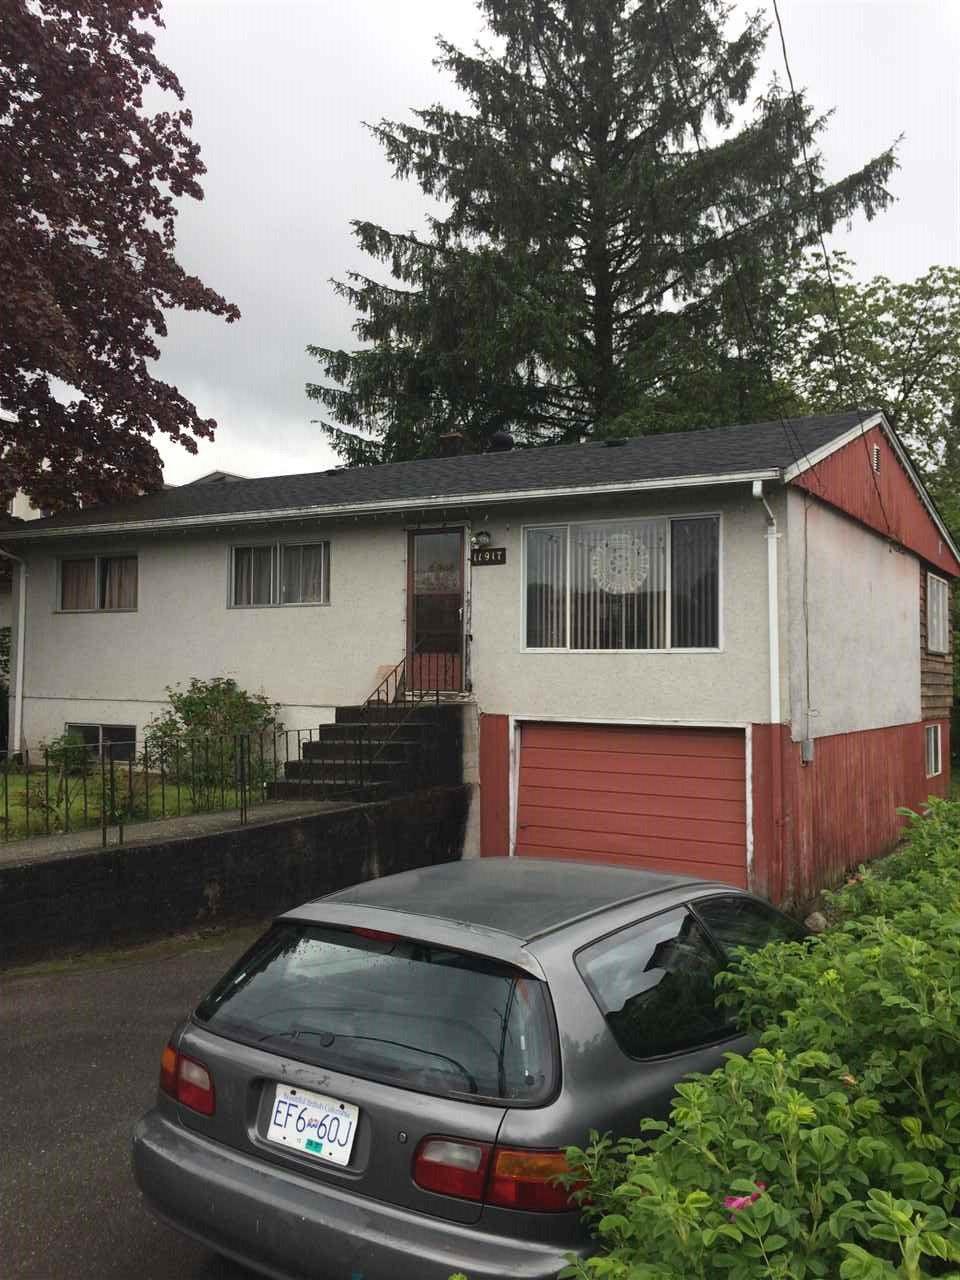 Main Photo: 11917 BURNETT Street in Maple Ridge: East Central House for sale : MLS®# R2169402